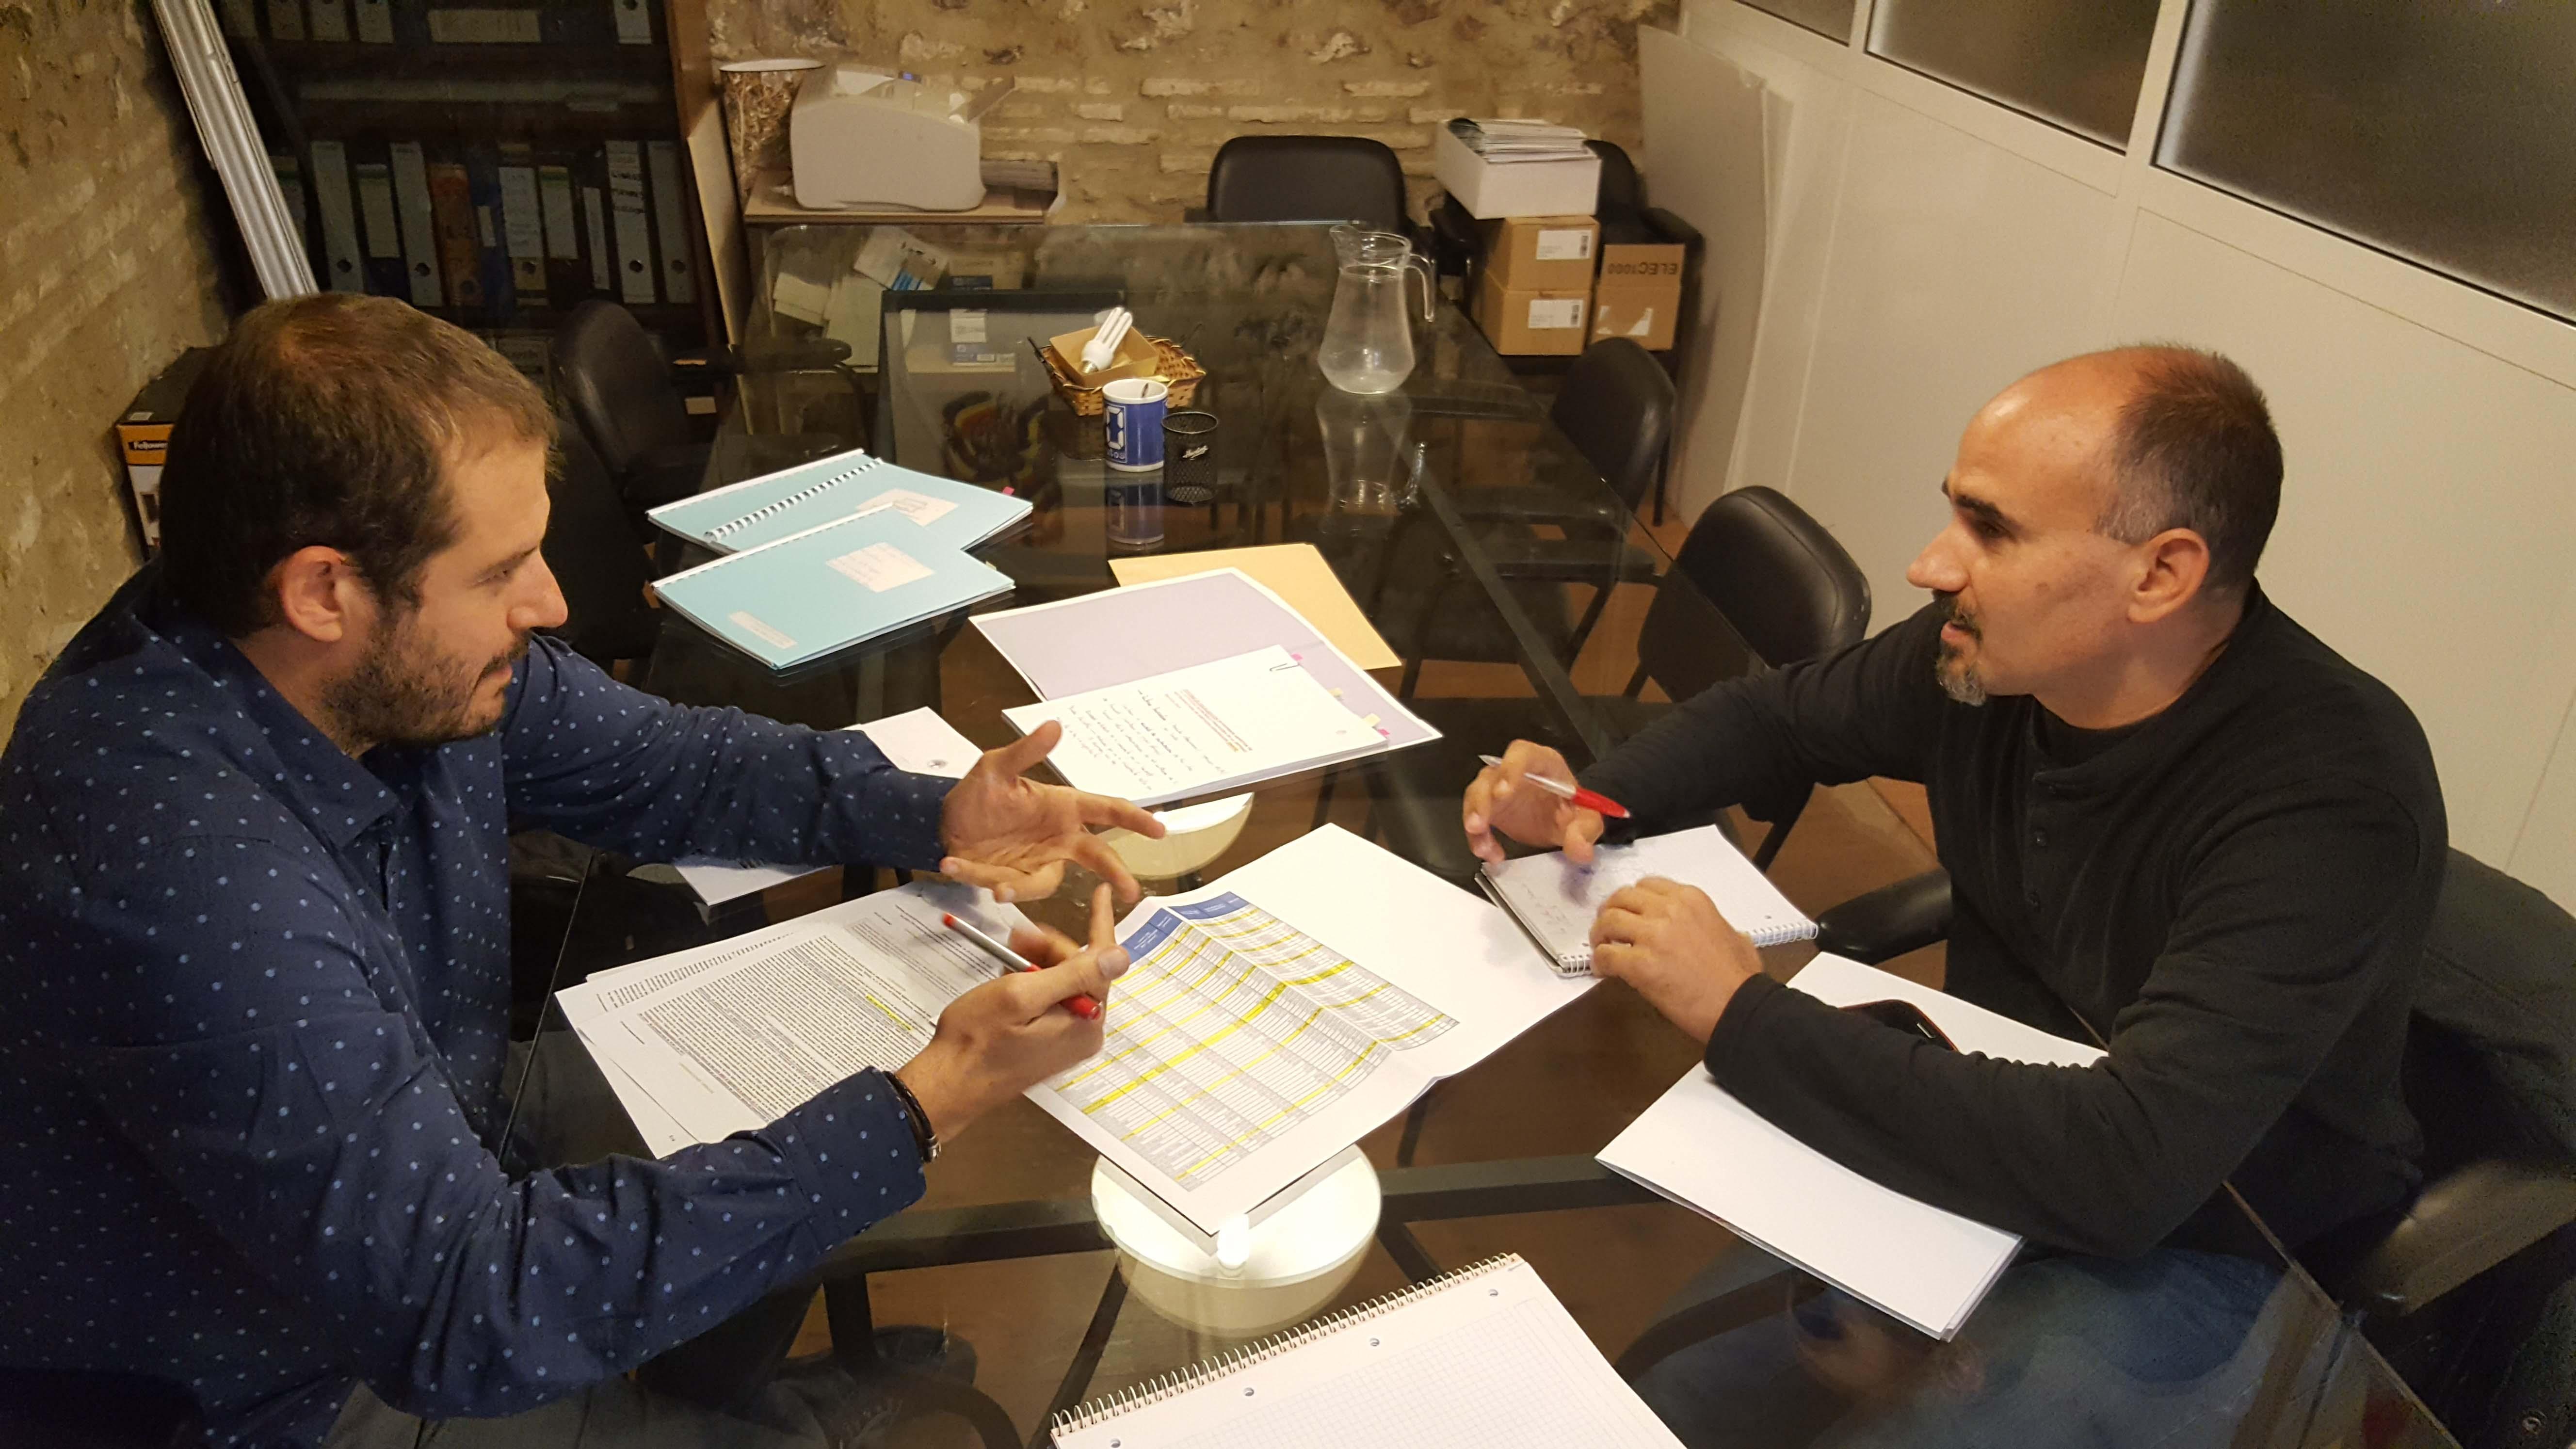 Esquerra Unida felicita a l'Ajuntament de Silla pel triomf davant els tribunals en la seua lluita per la remunicipalizació del servei de l'aigua